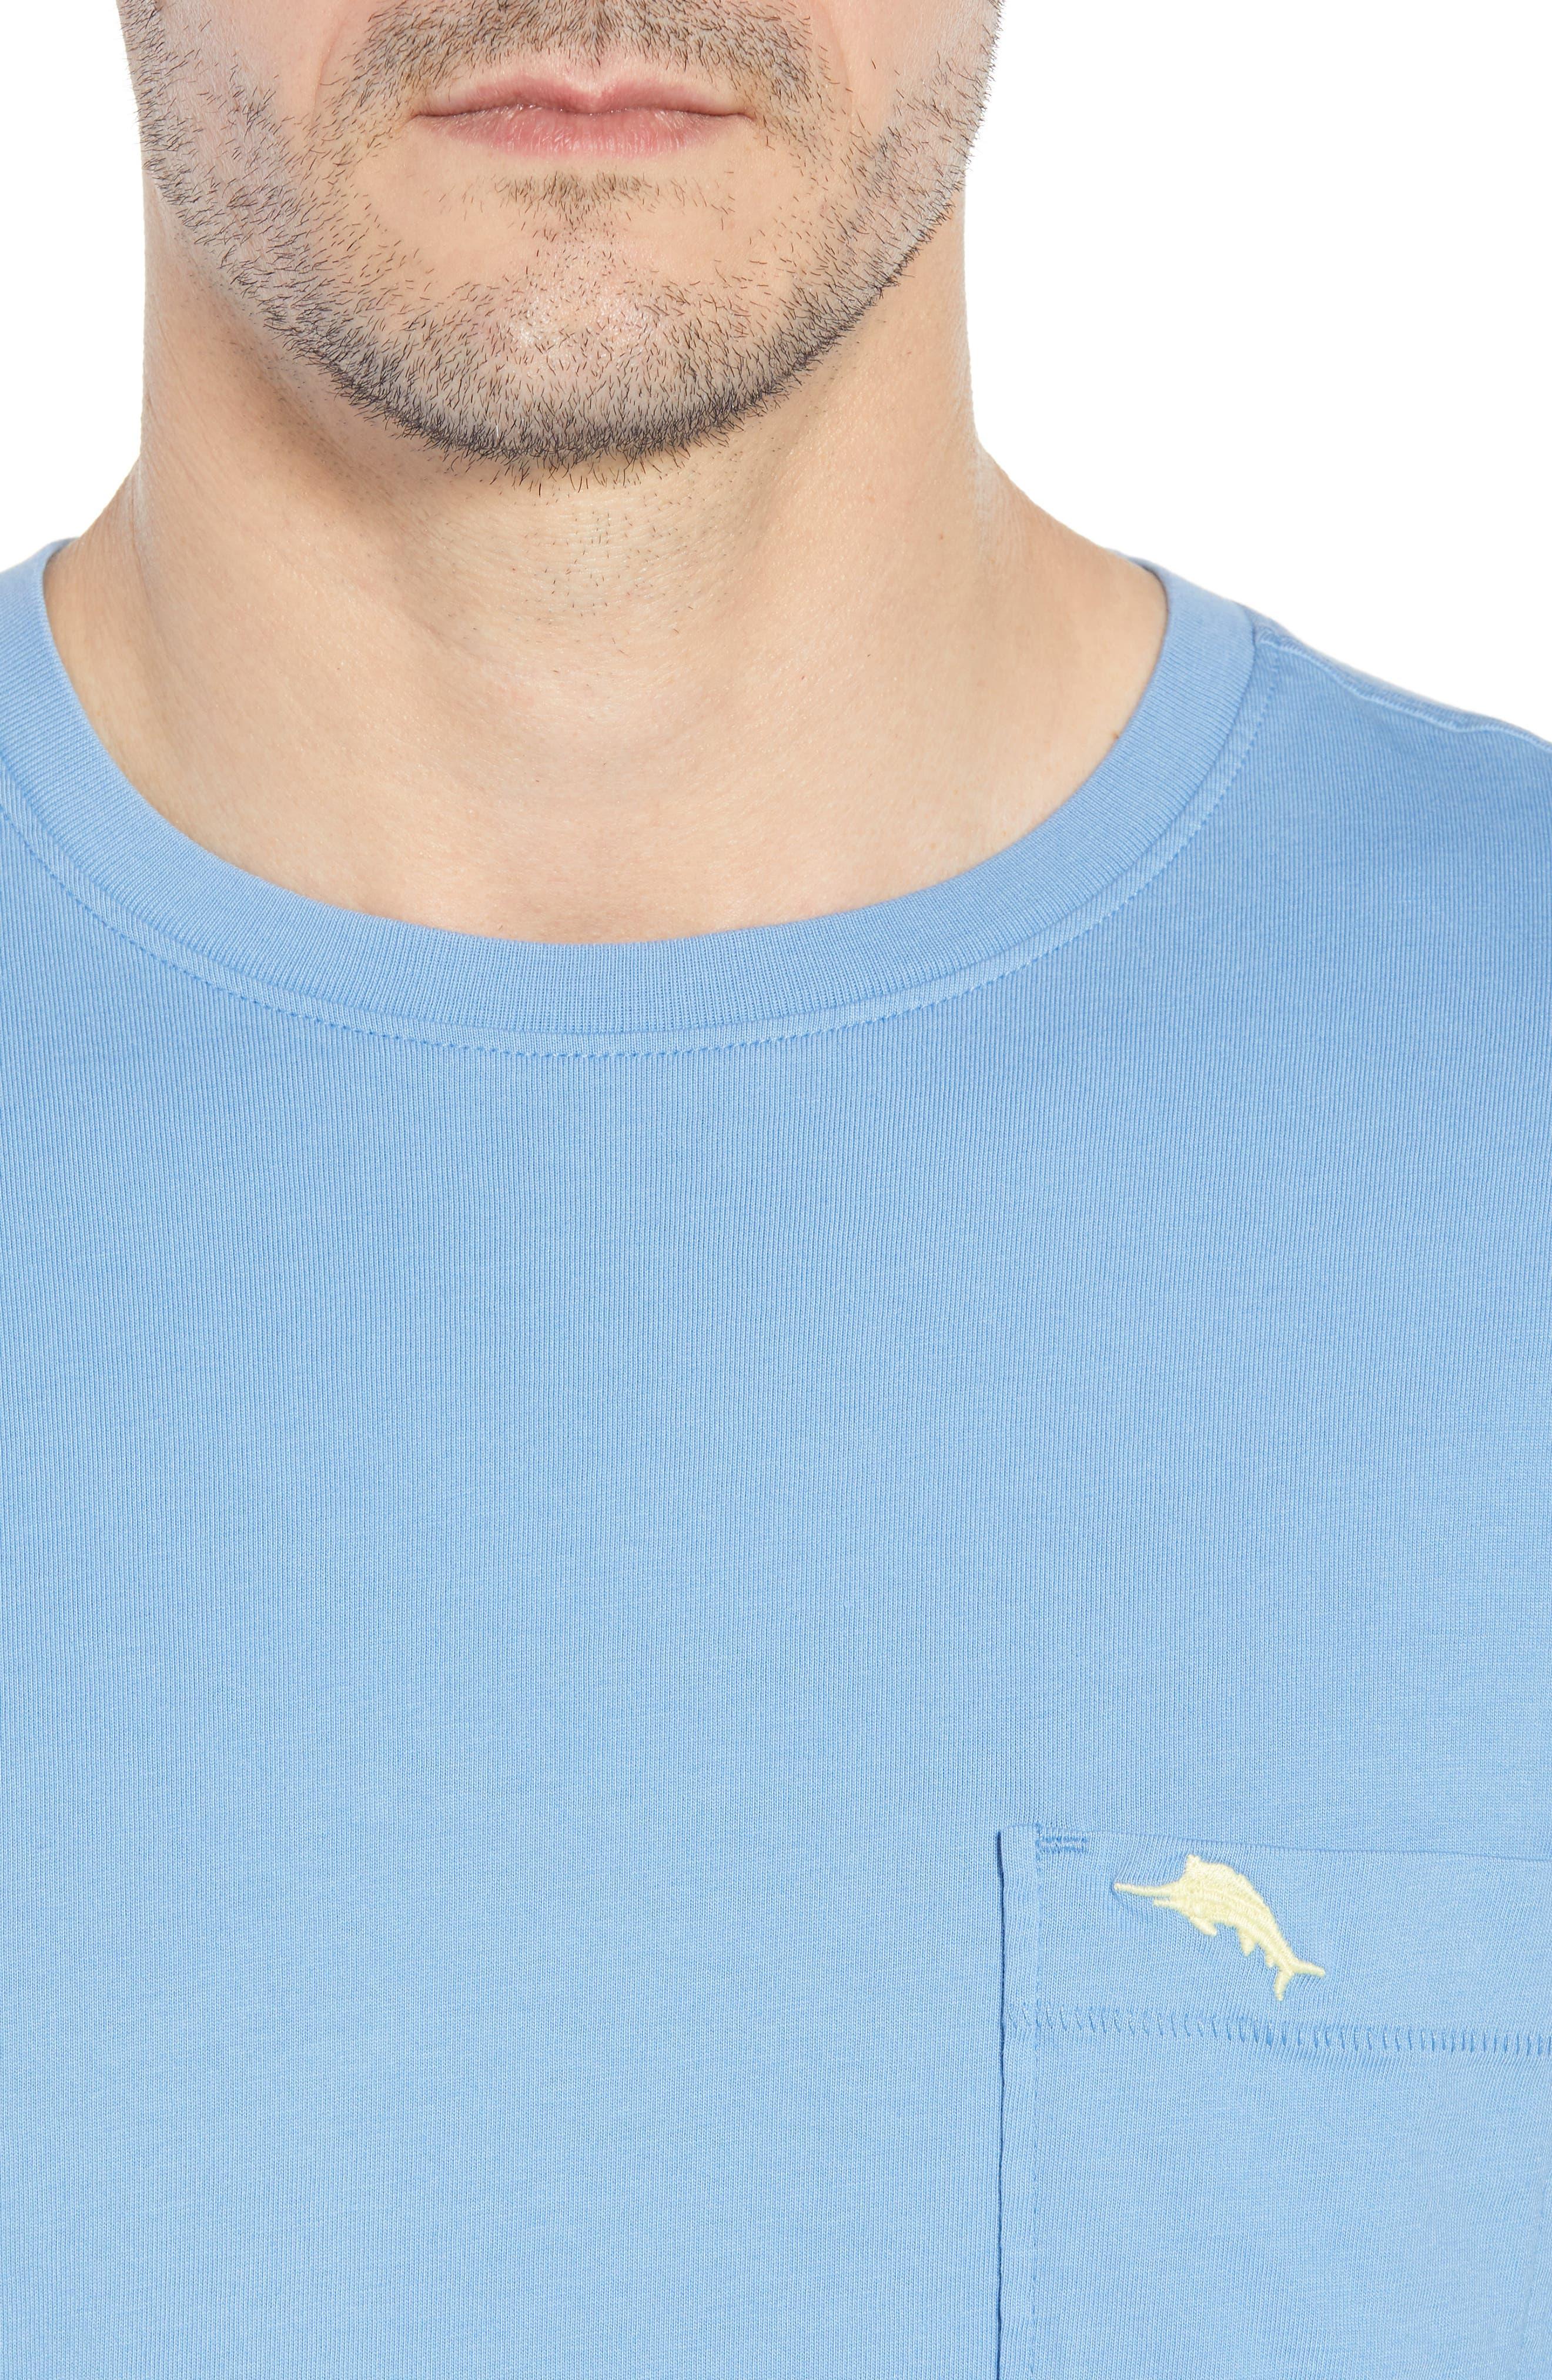 New Bali Sky Pima Cotton Pocket T-Shirt,                             Alternate thumbnail 101, color,